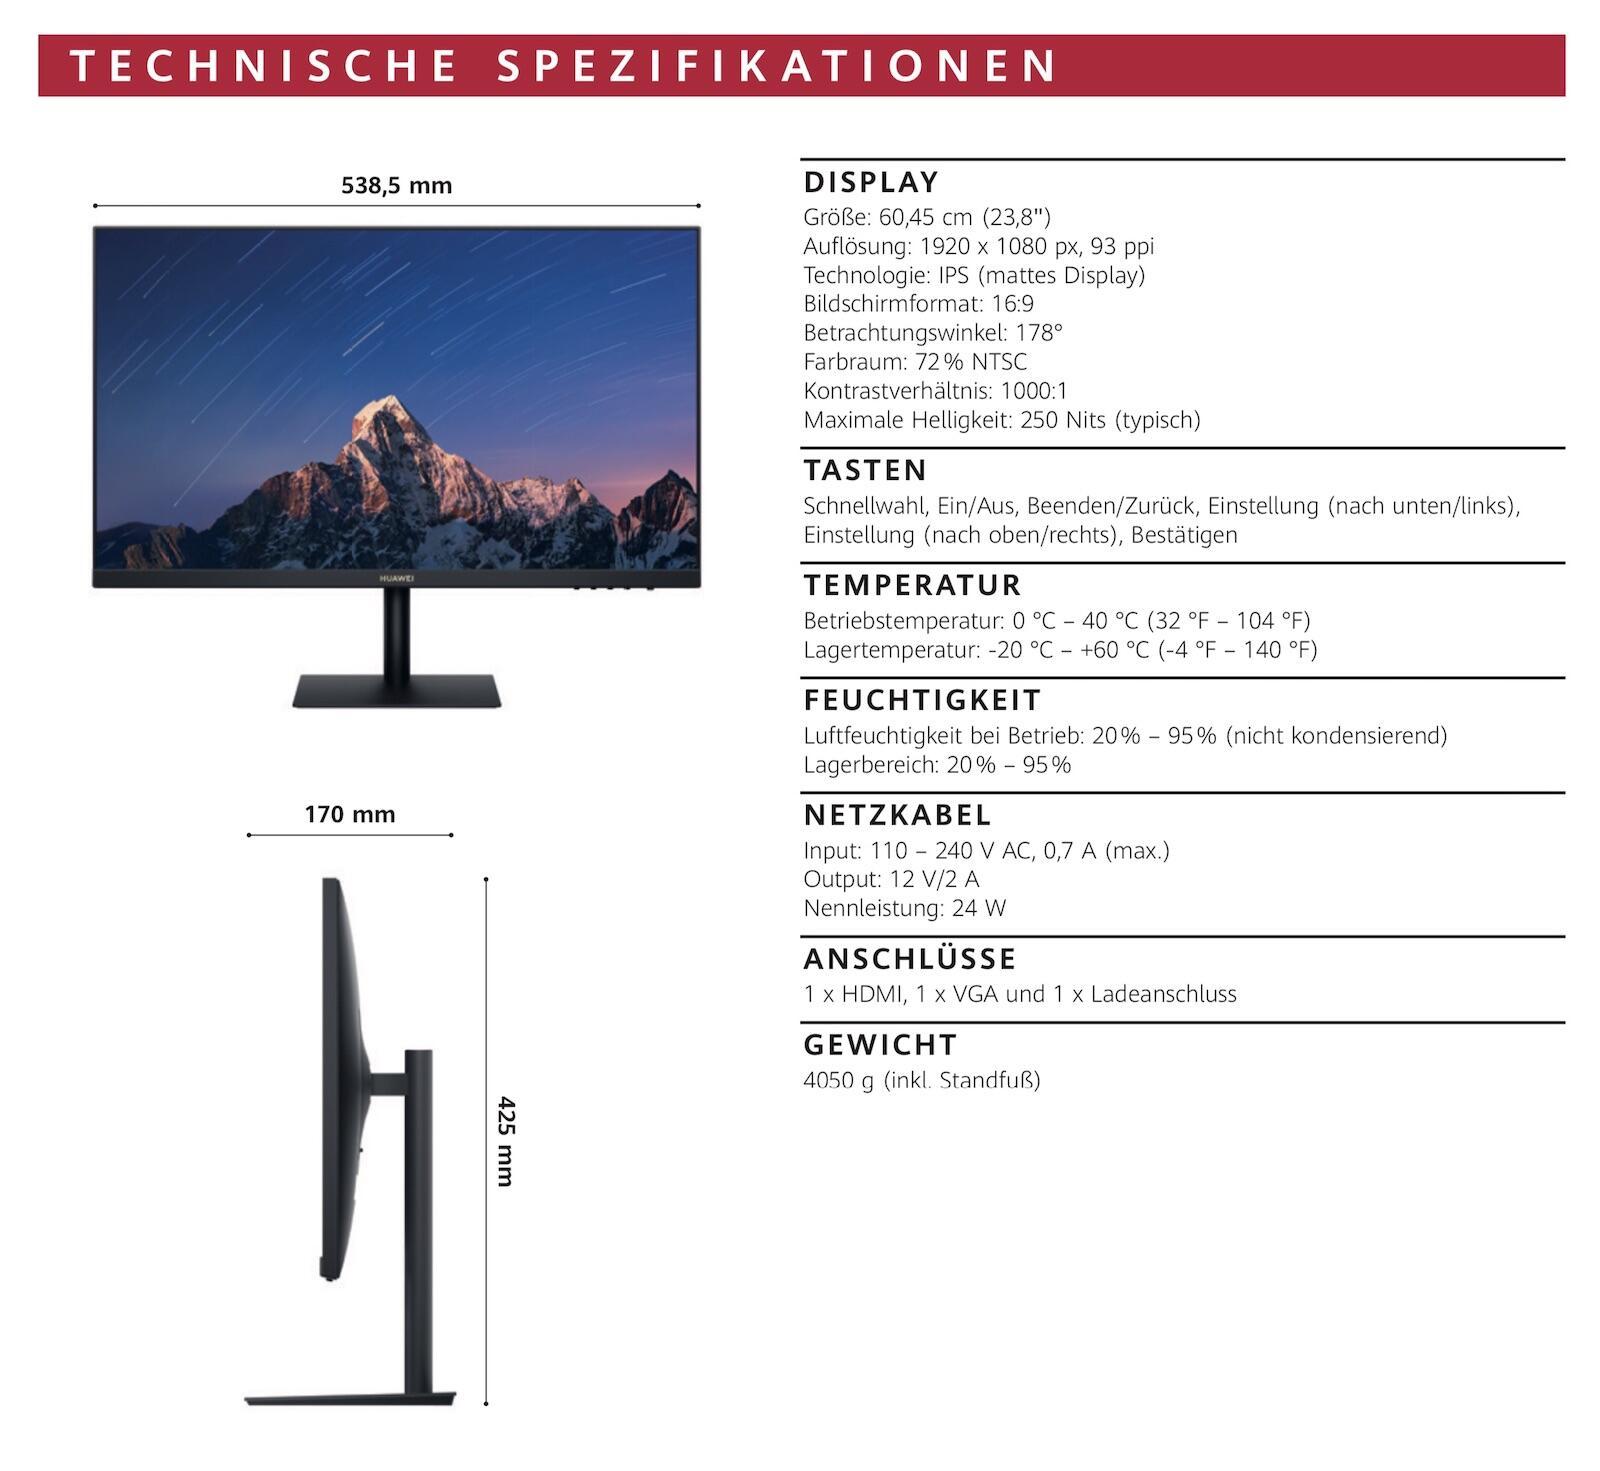 Huawei Display Specs